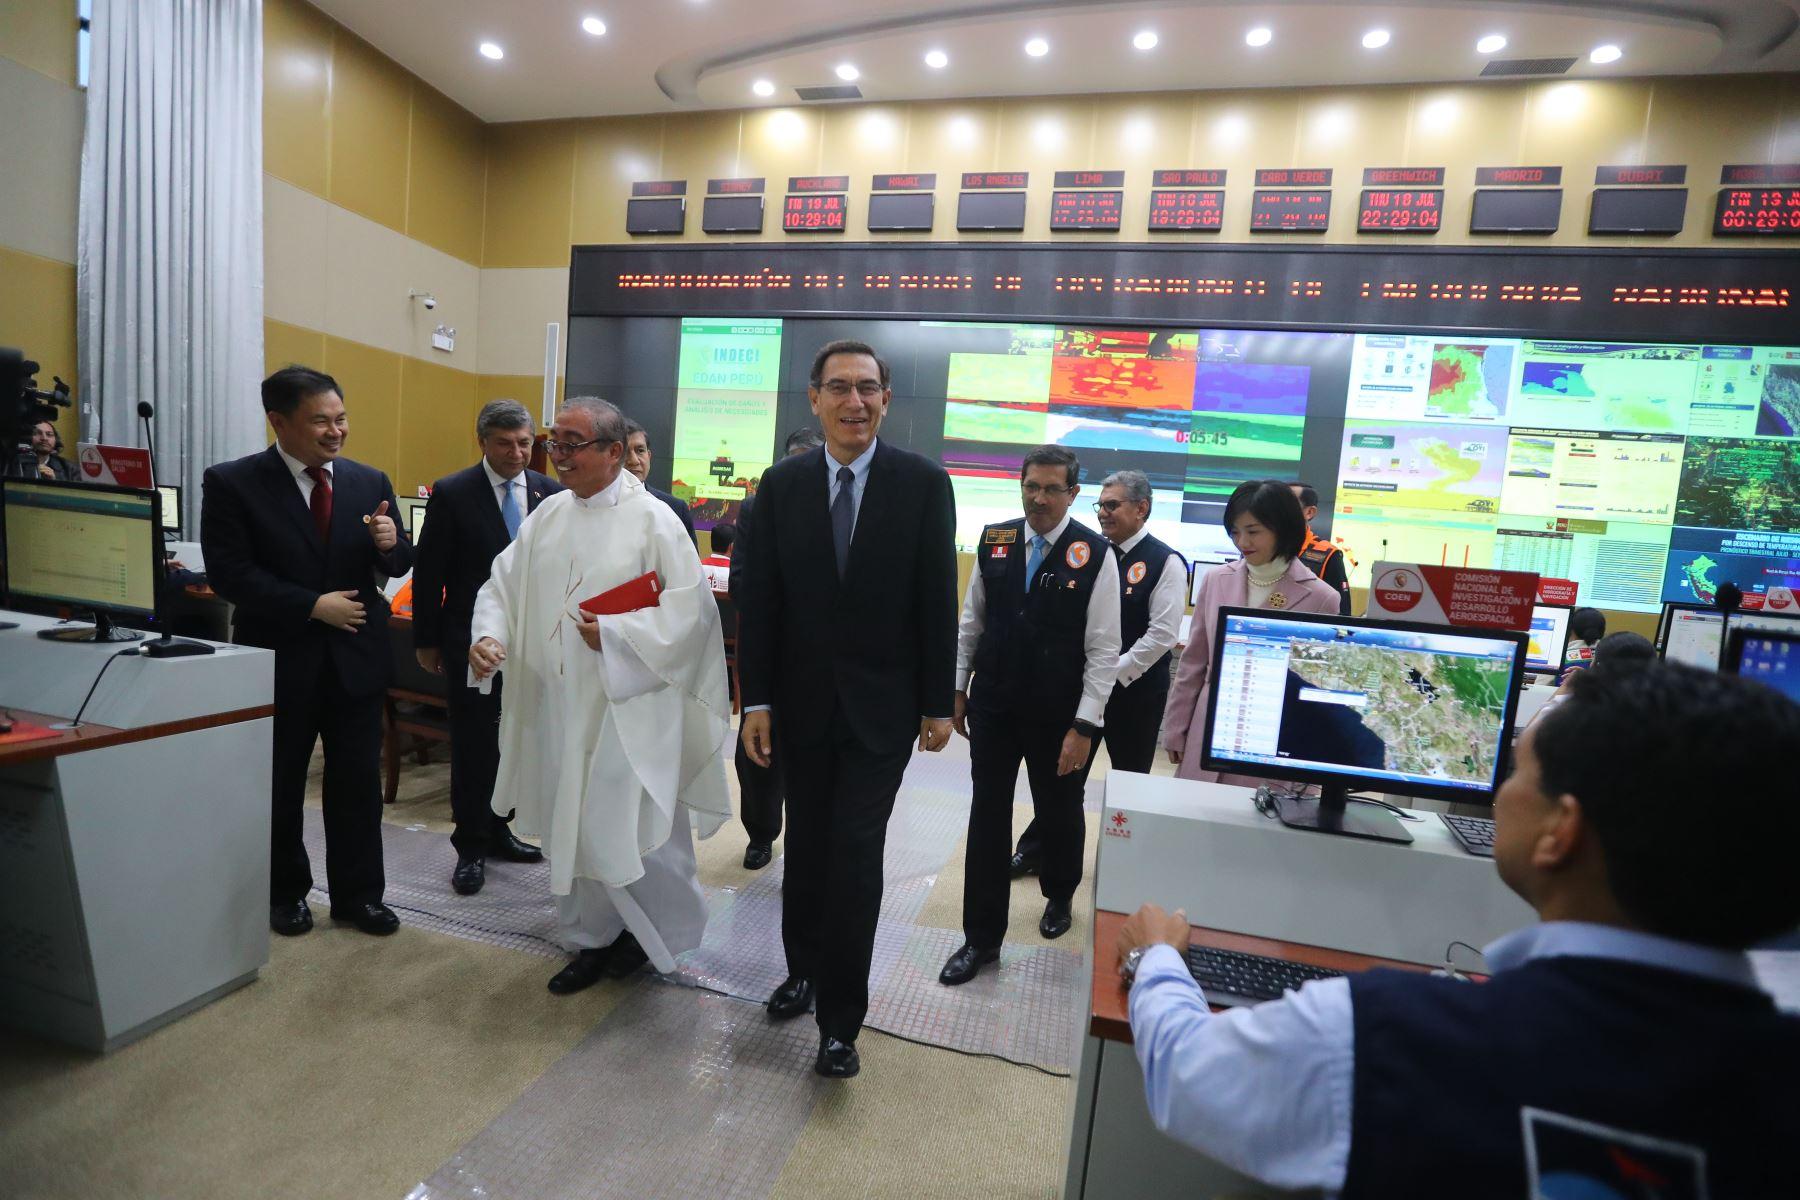 El presidente de la República Martín Vizcarra, participó en la ceremonia de inauguración de las instalaciones del Centro de Operaciones de Emergencia Nacional (Coen), ubicado en el distrito de Chorrillos.Foto:ANDINA/Prensa Presidencia